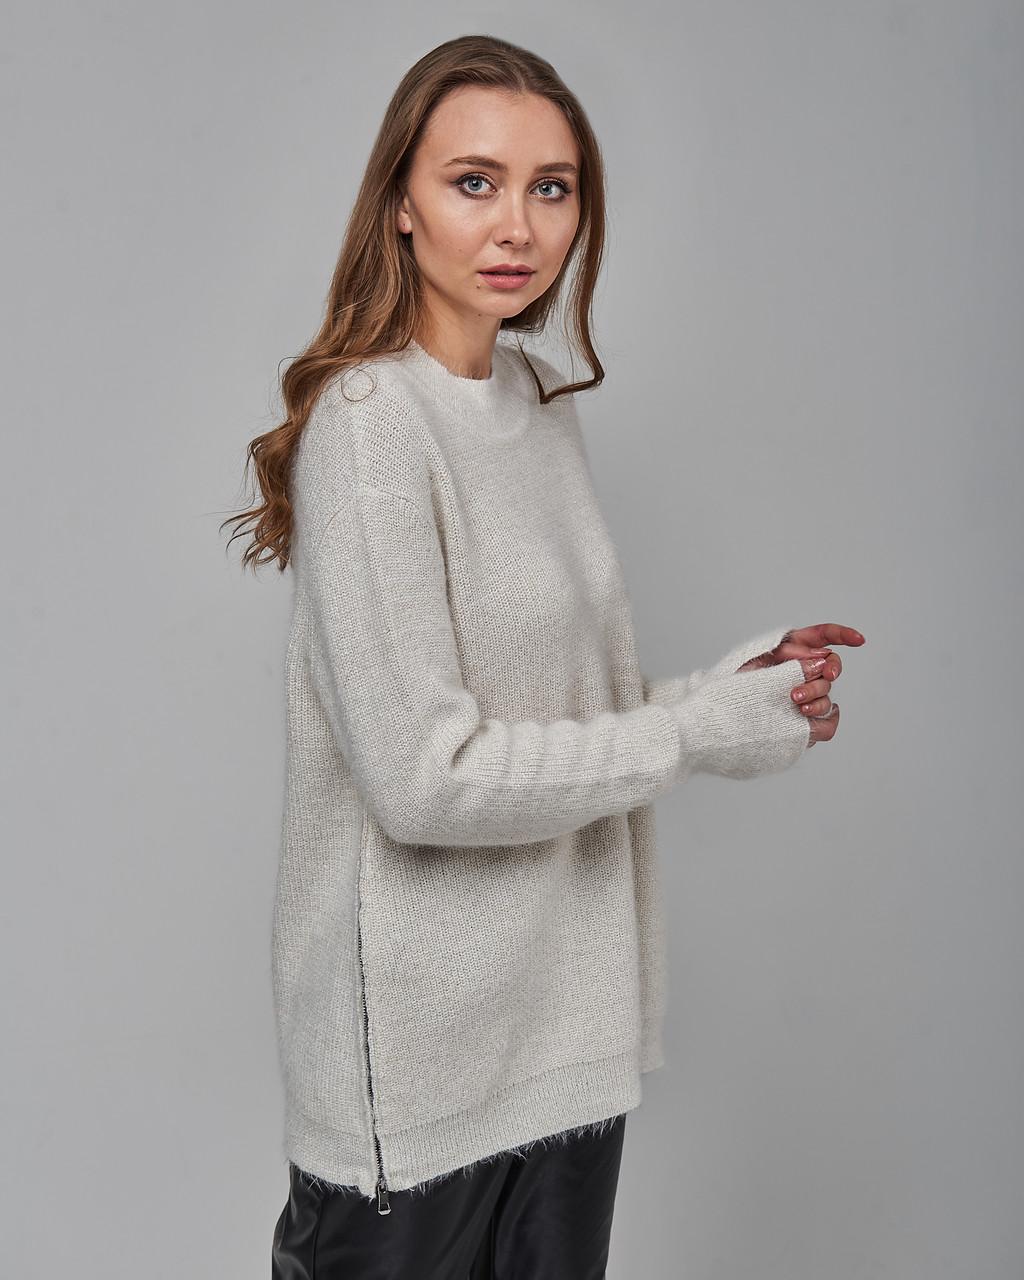 Женский свитер белый Serianno. Турция